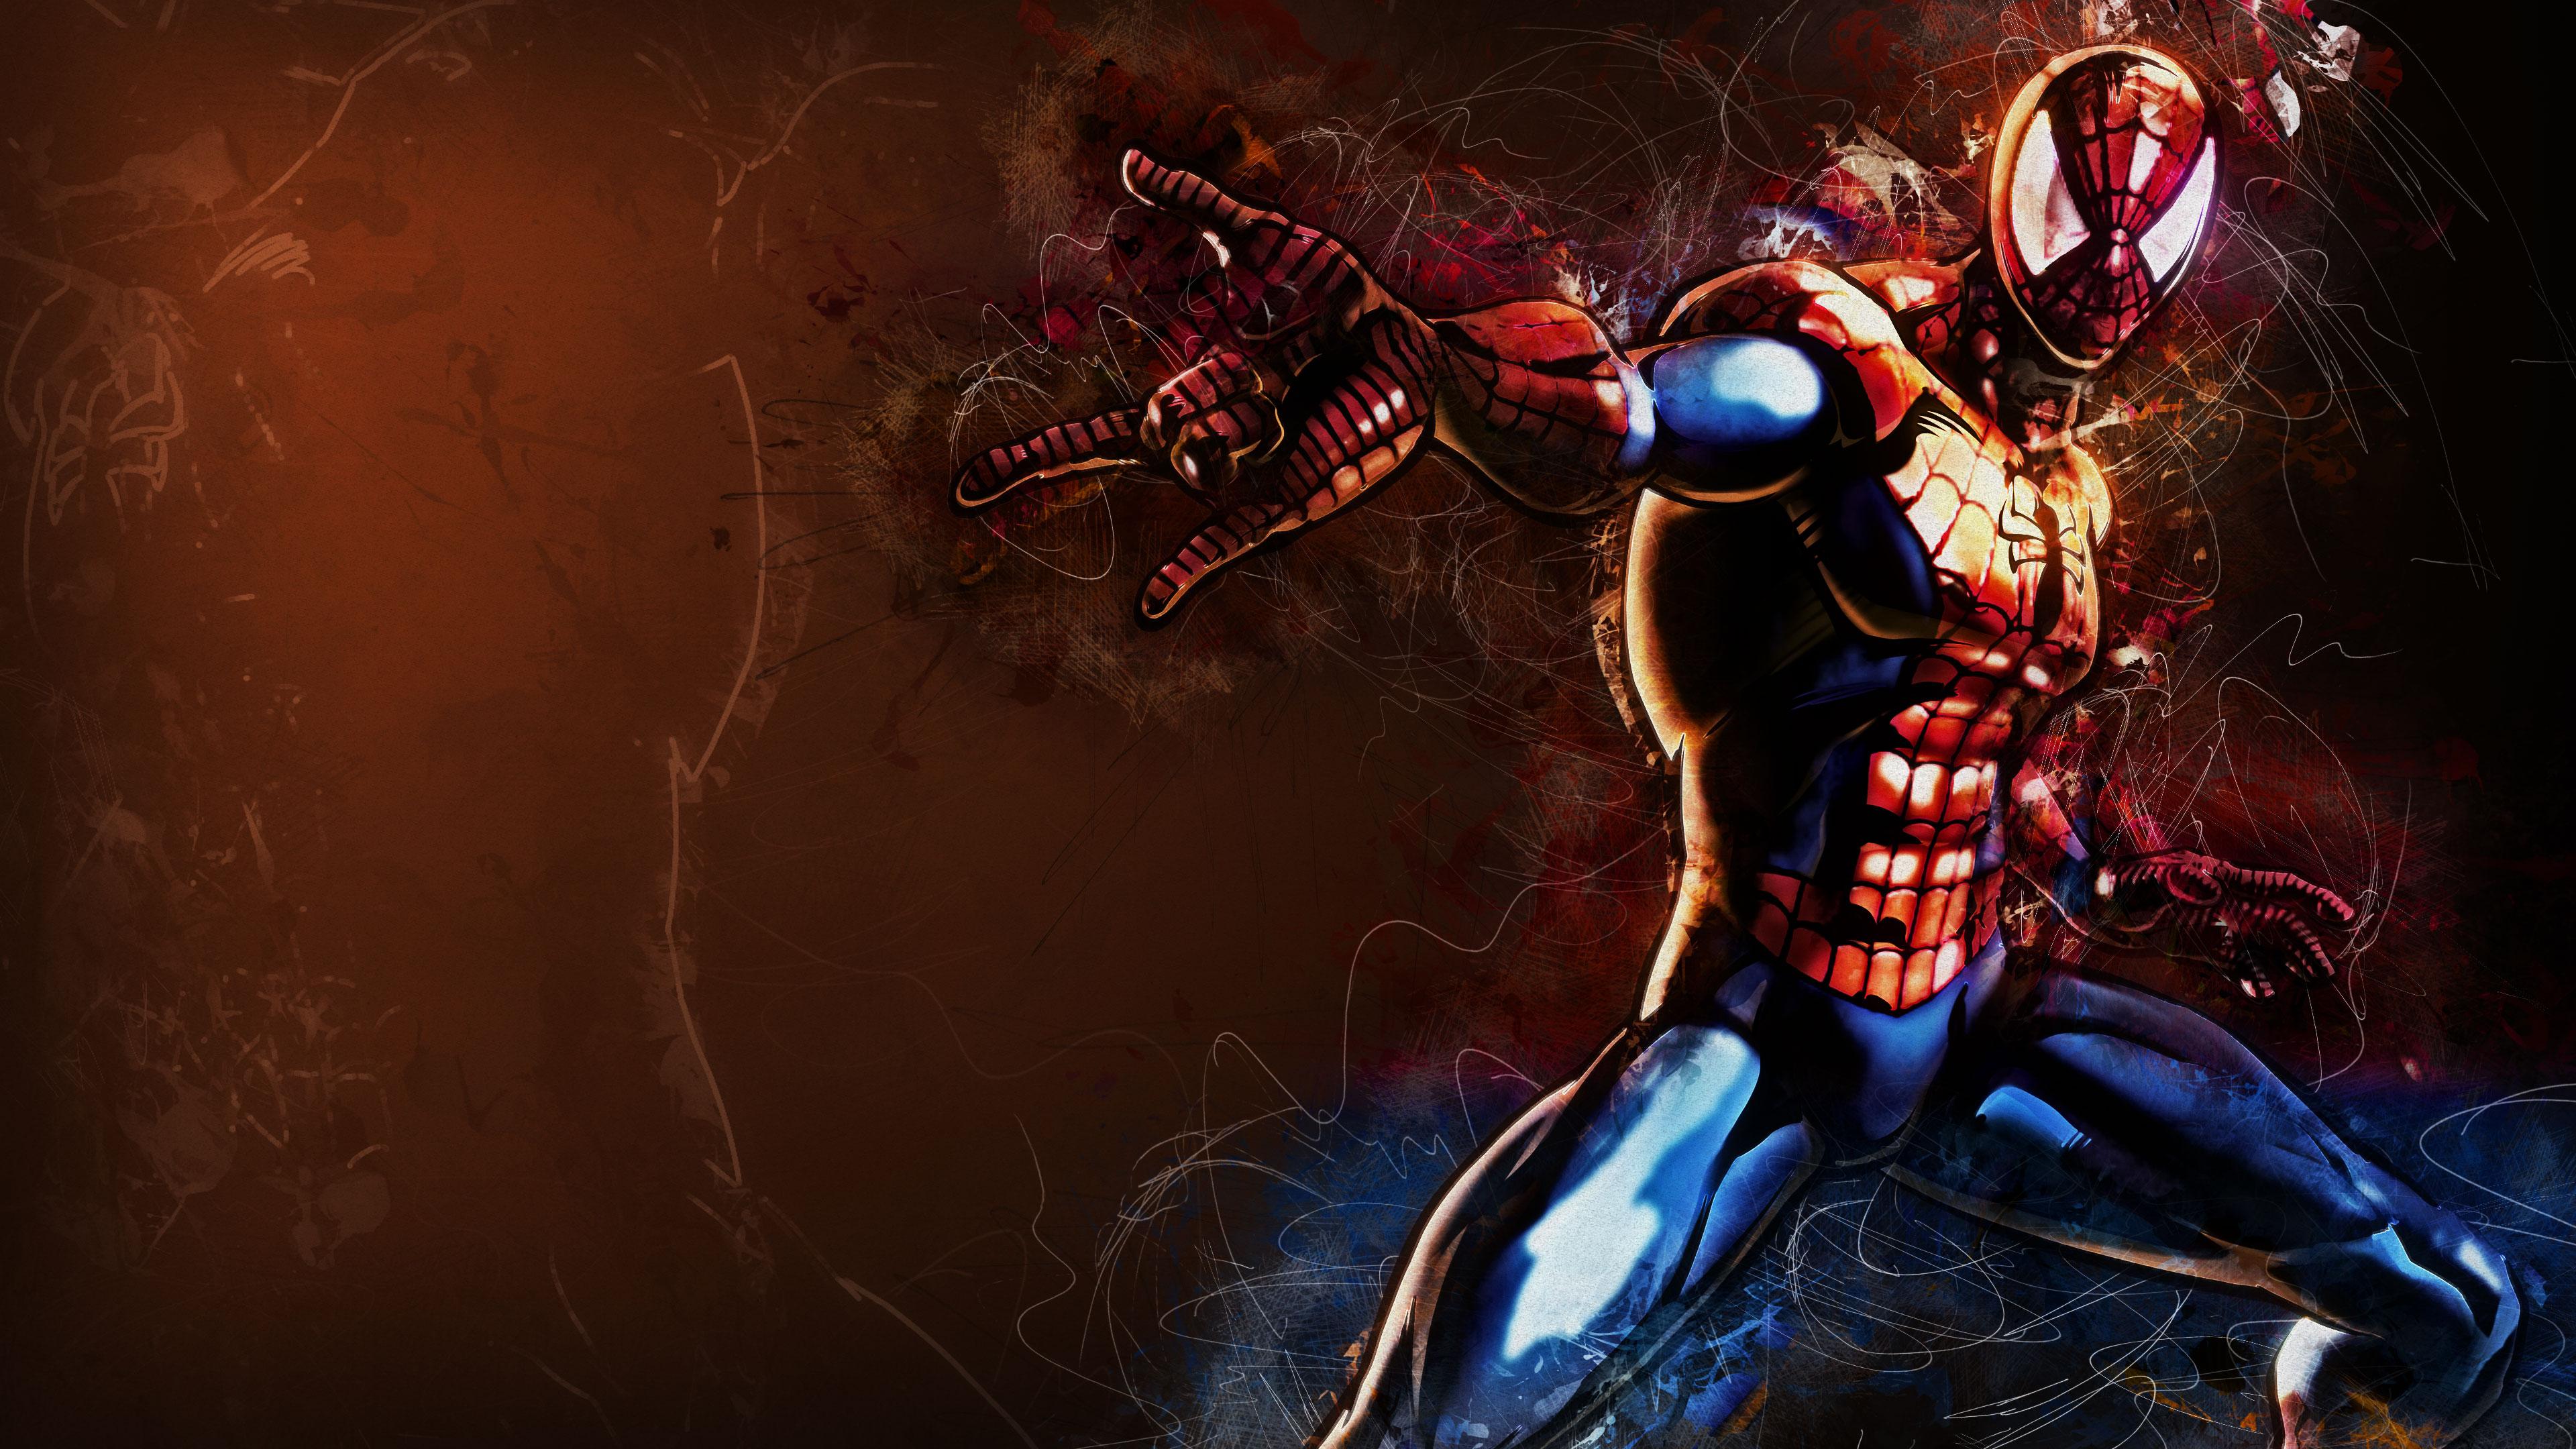 Человек-паук фан-арт обои скачать